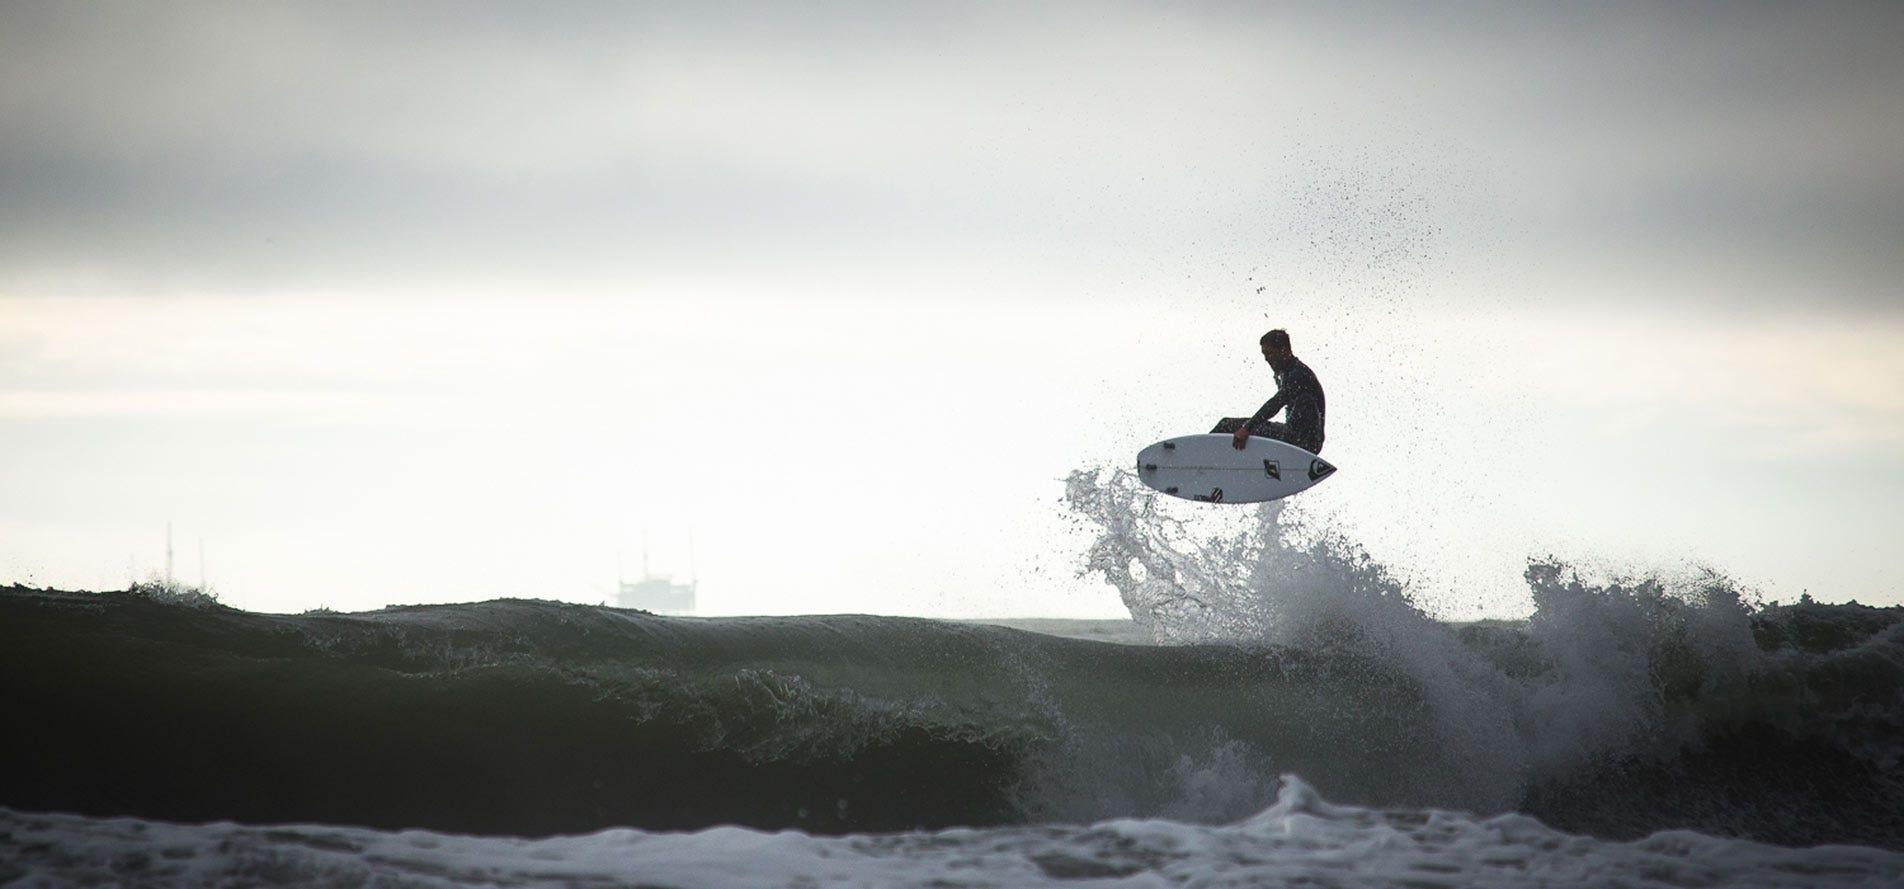 Mickey Clarke Surfer